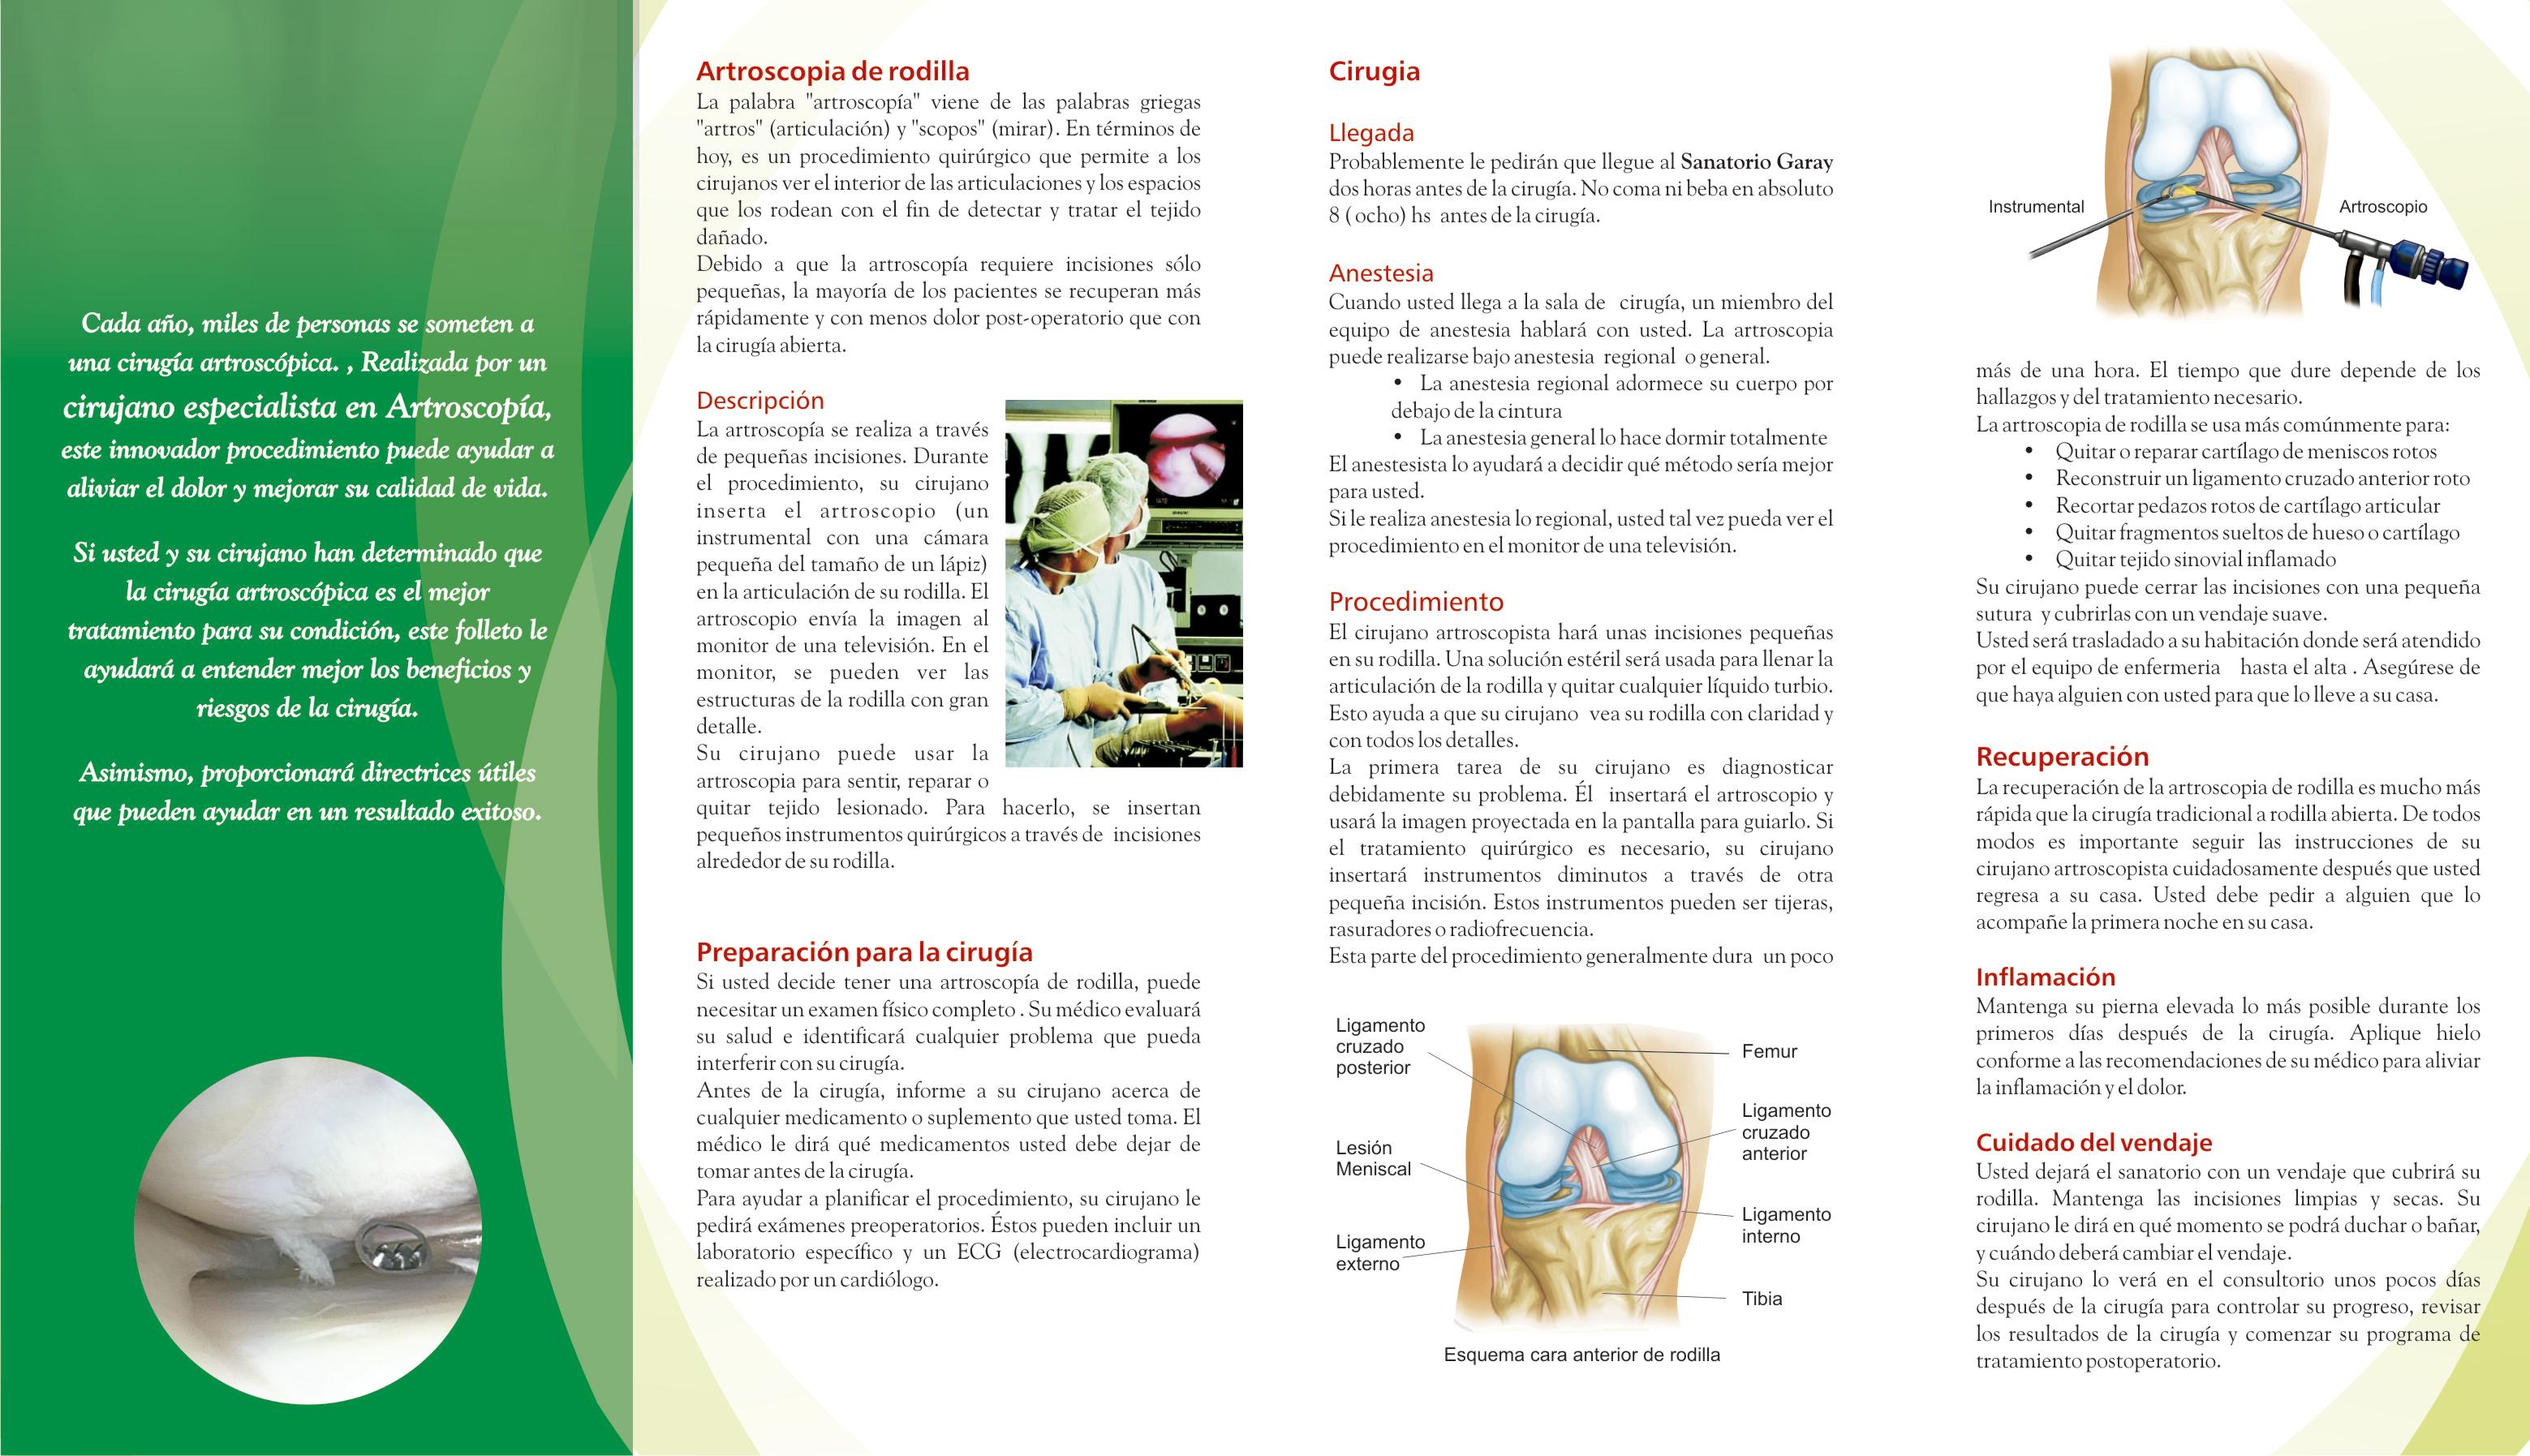 Folleto-Artroscopia-Rodilla-Ignacio-Dallo-DORSO